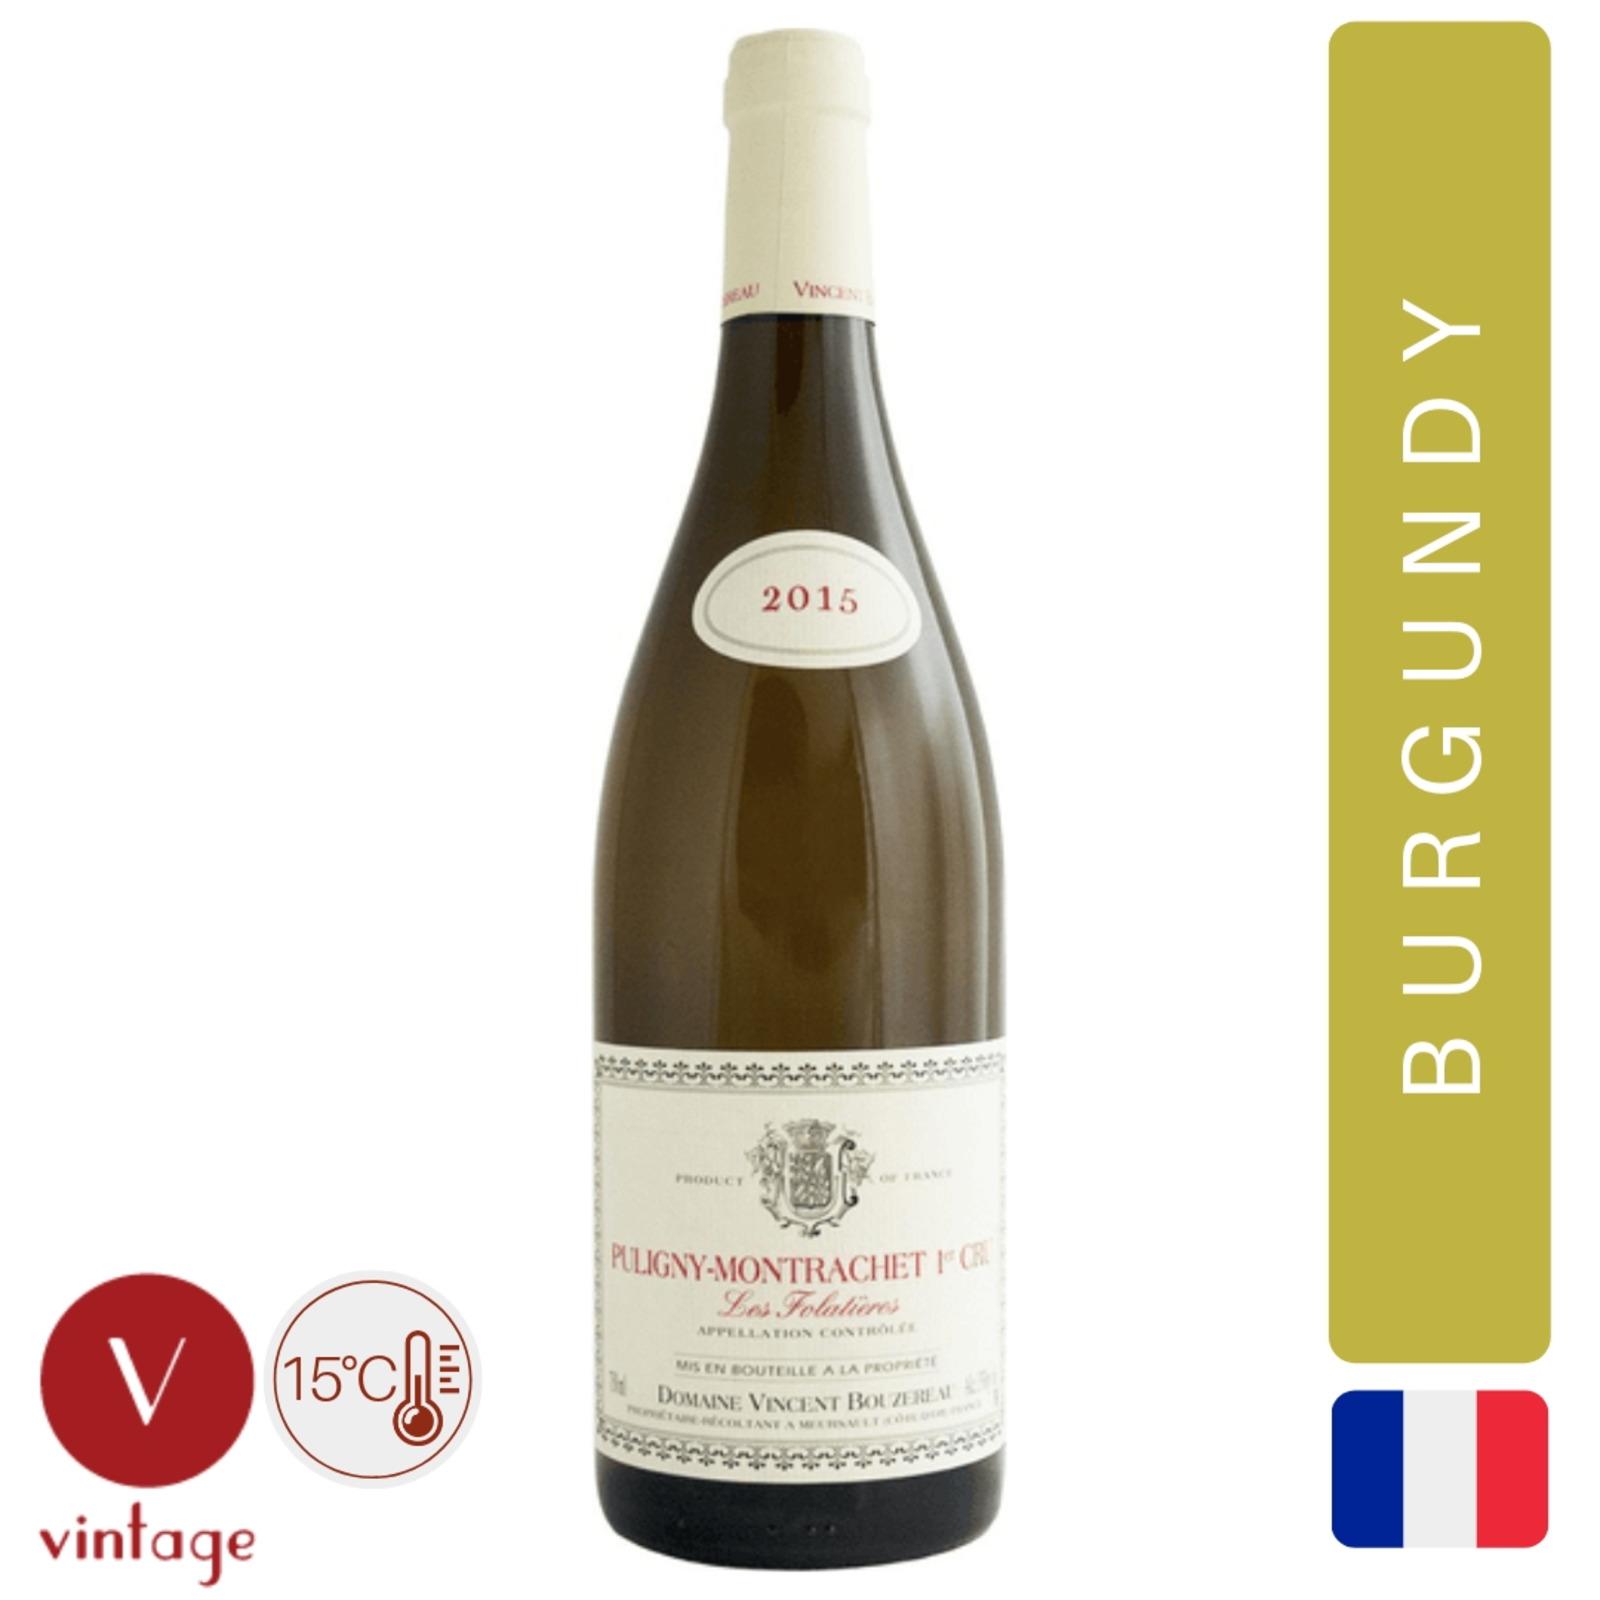 Vincent Bouzereau - Puligny-Montrachet - White Wine